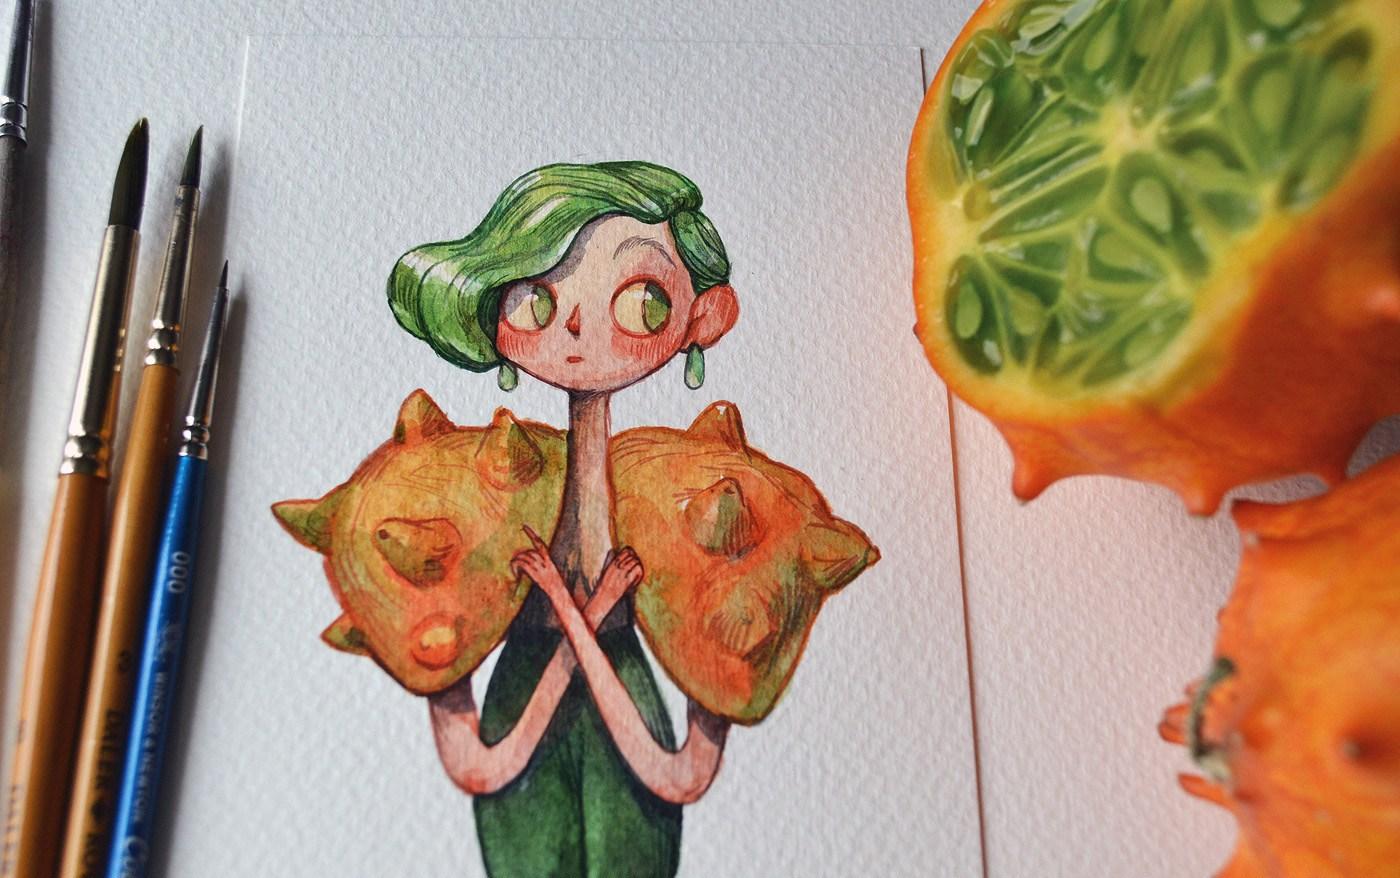 طراحی کاراکتر با الهام گرفتن از میوه ها